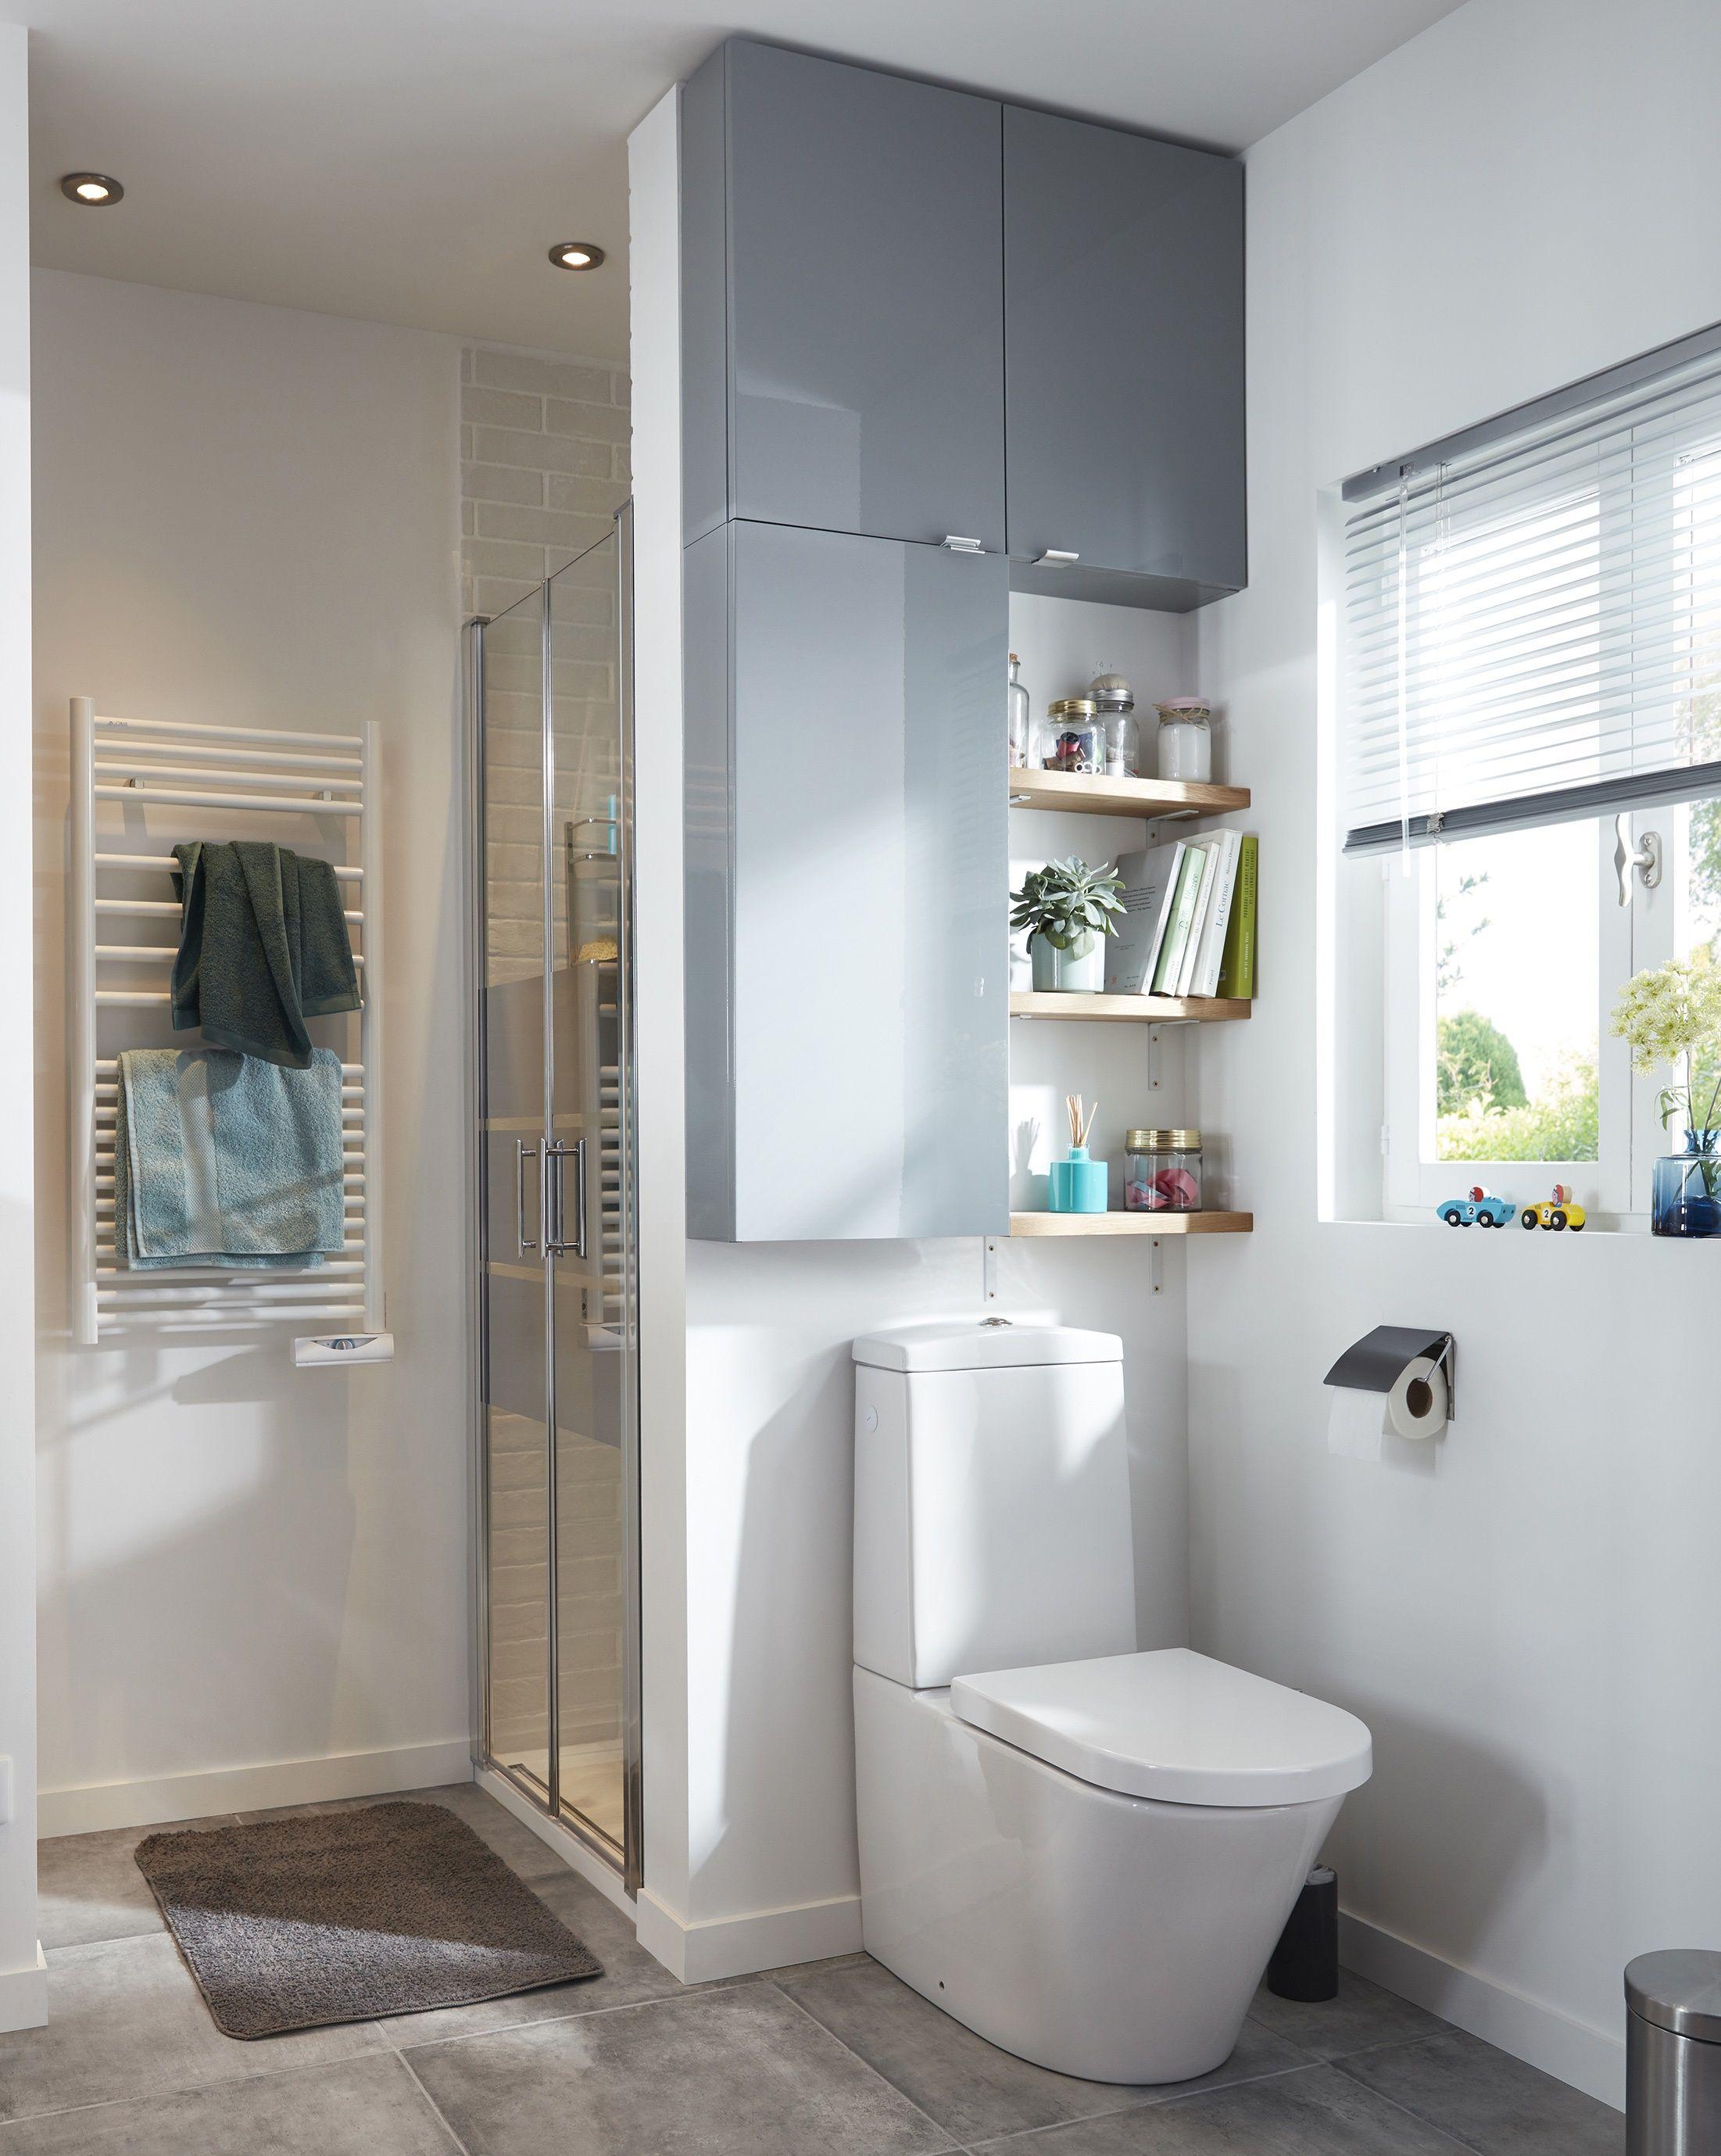 armoire de salle de bains gris cooke lewis imandra 40 cm meuble faible profondeur gain de. Black Bedroom Furniture Sets. Home Design Ideas